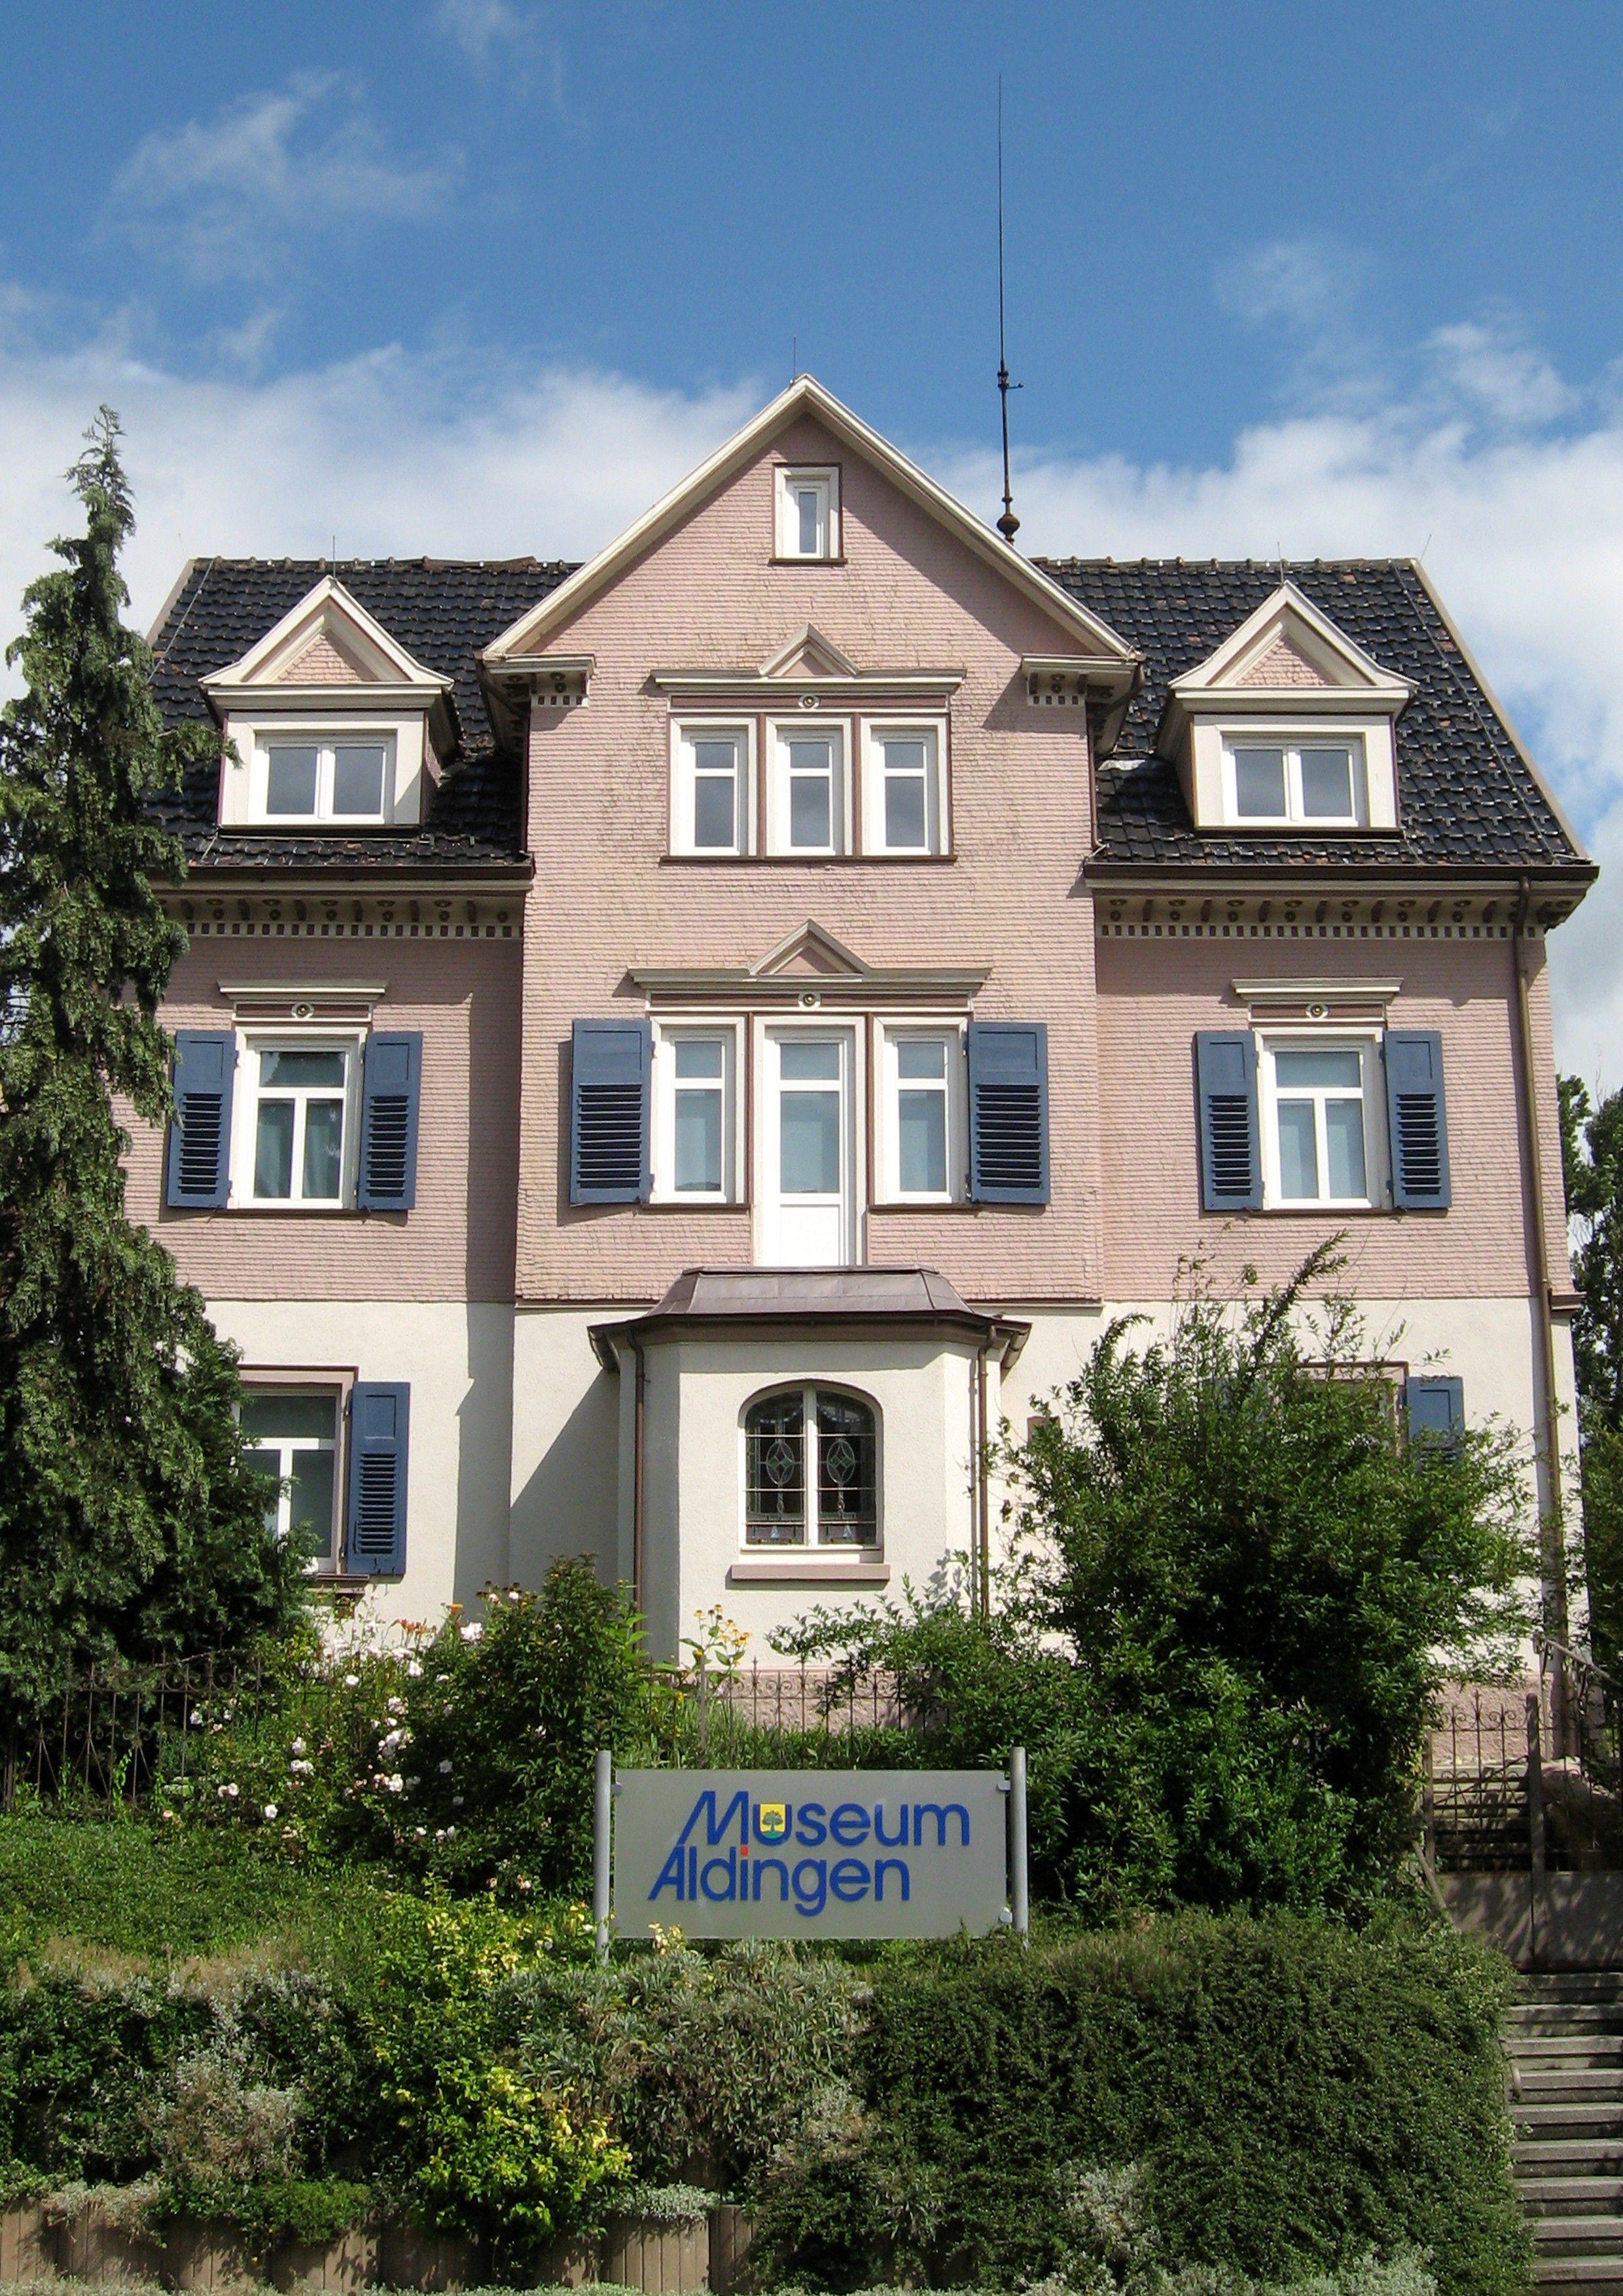 Museum Aldingen